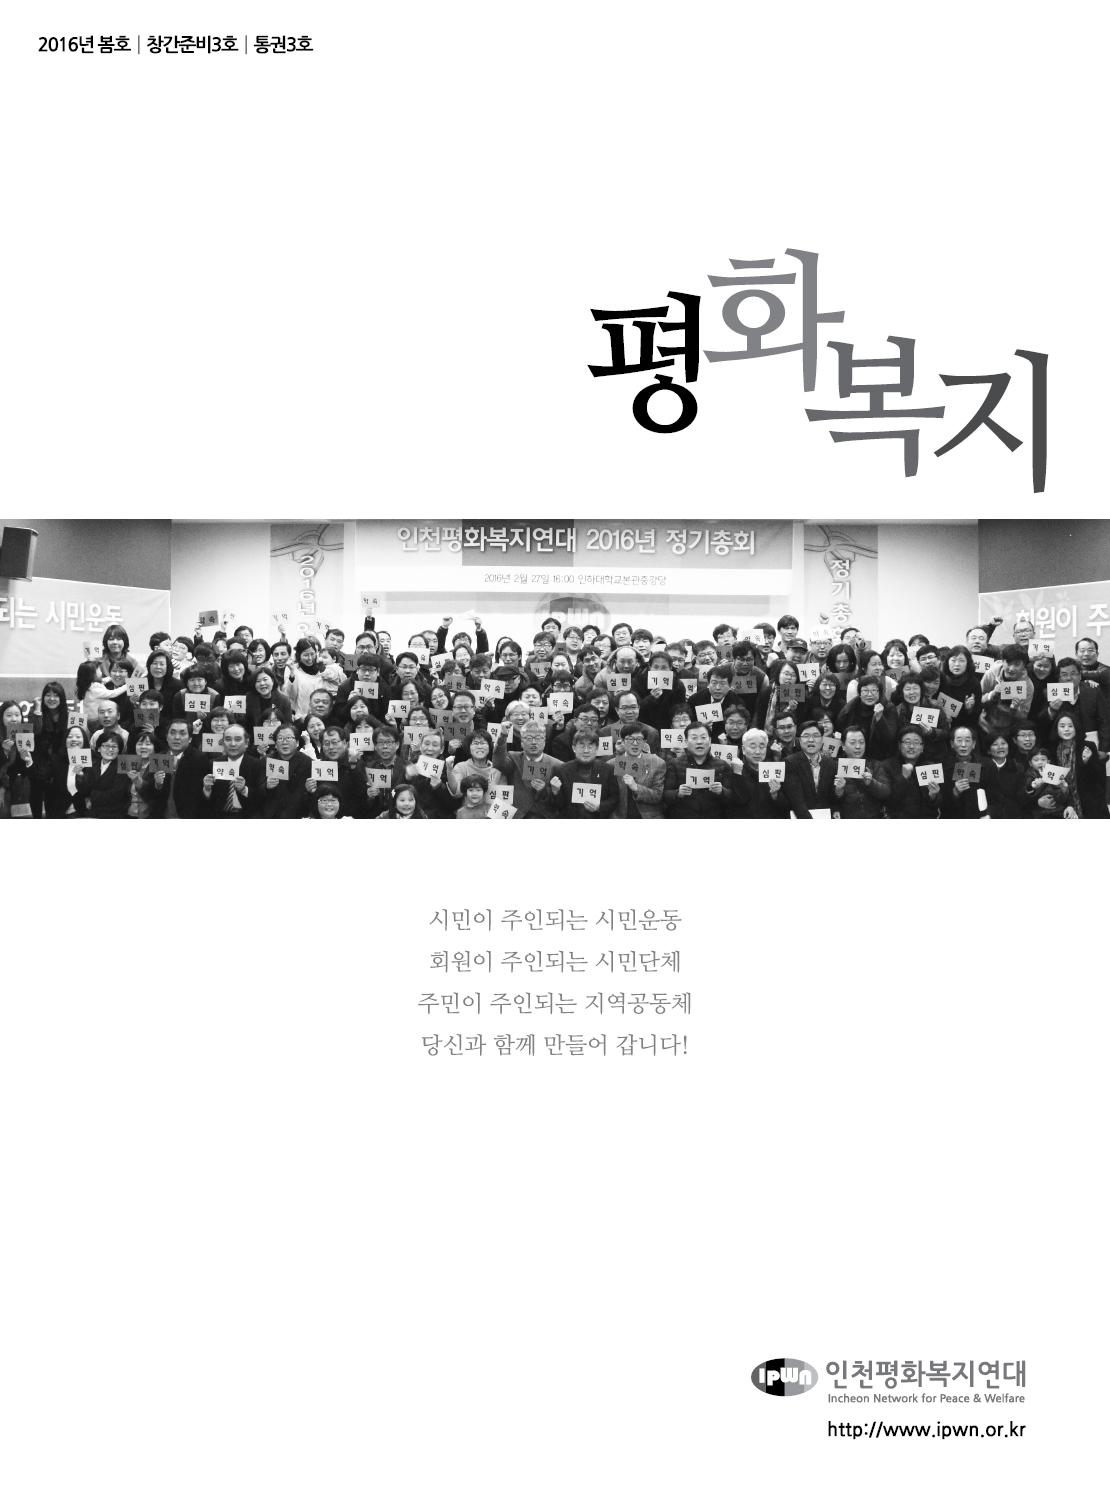 아웃라인 인천평화복지연대 소식지창간준비3호.jpg